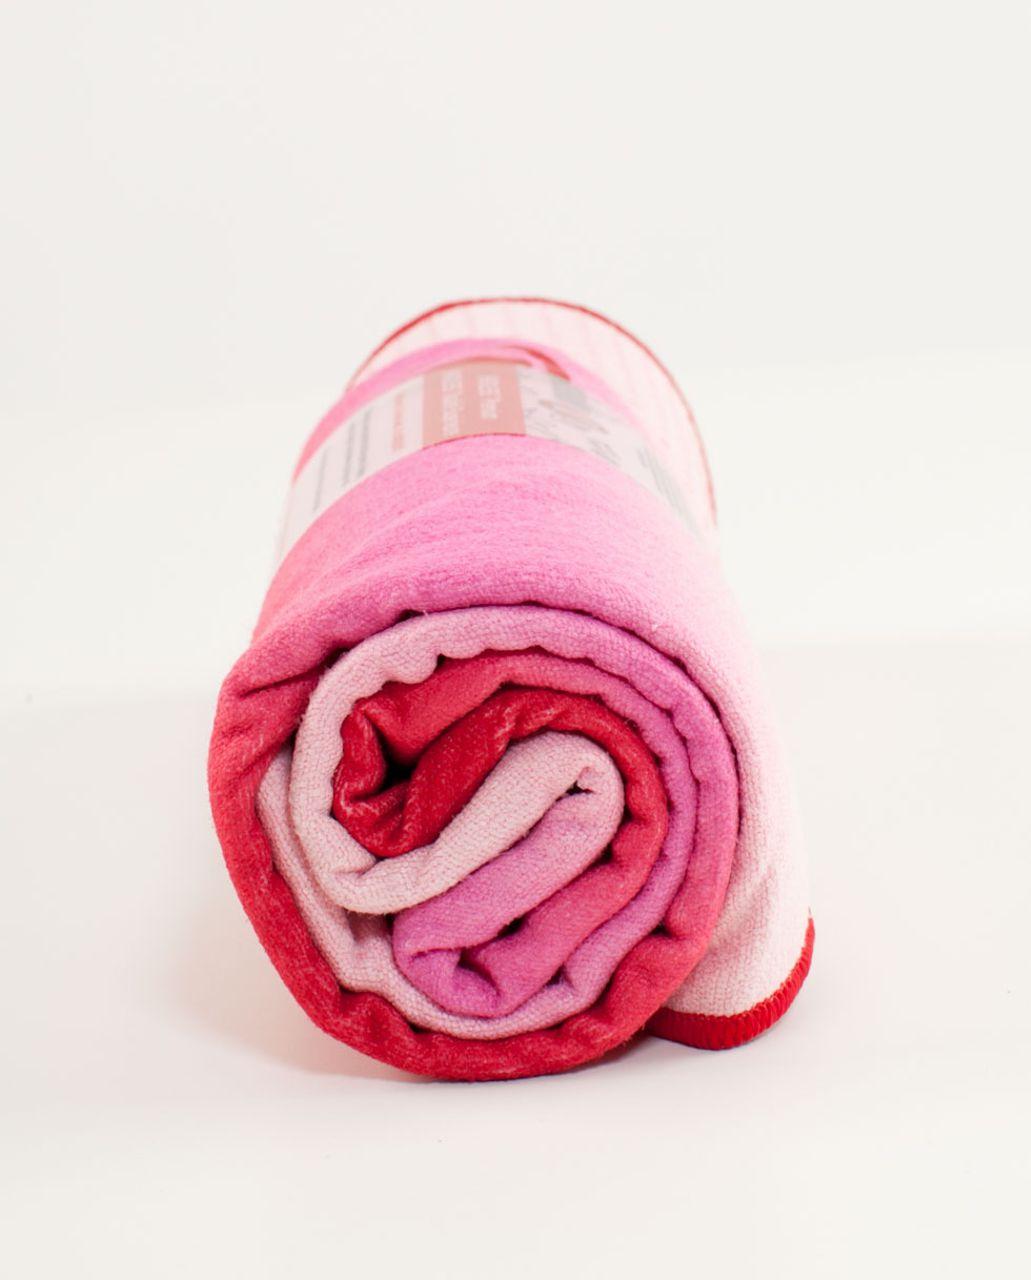 Lululemon Skidless Towel - Currant Smoky Rose Pig Pink Ombre Stripe